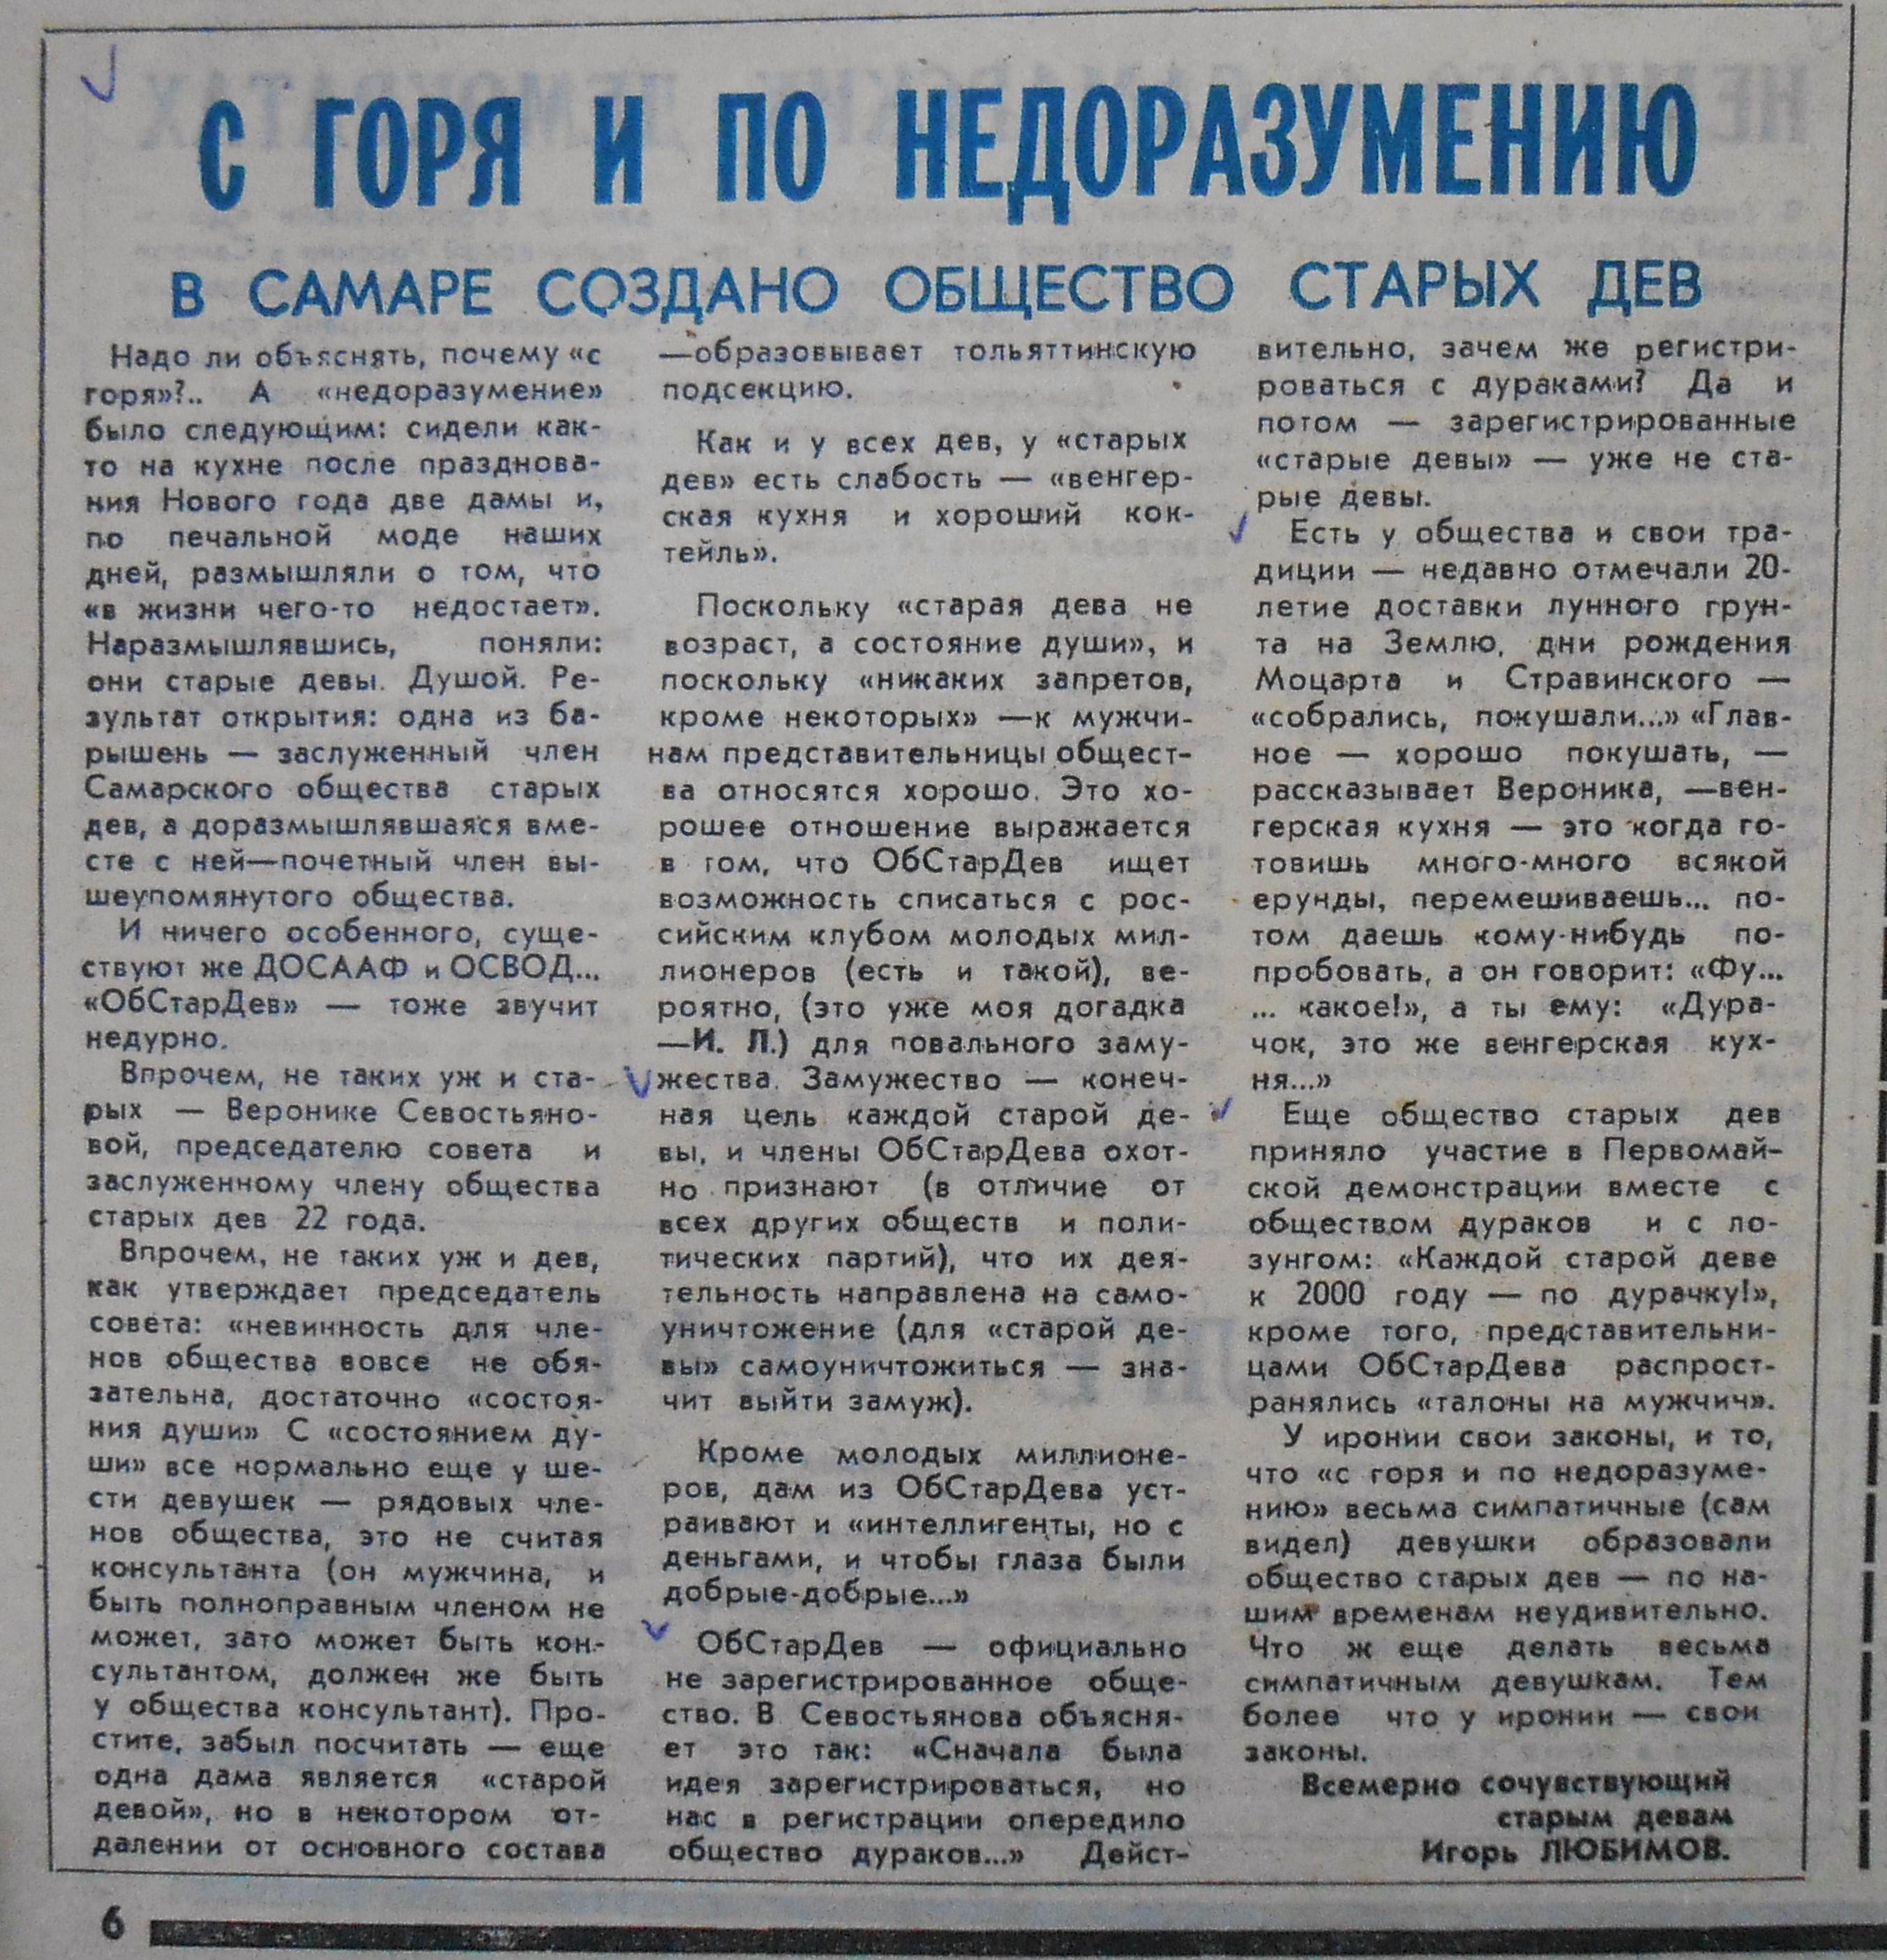 Волж.Комсомол. 11 мая. Общество старых дев